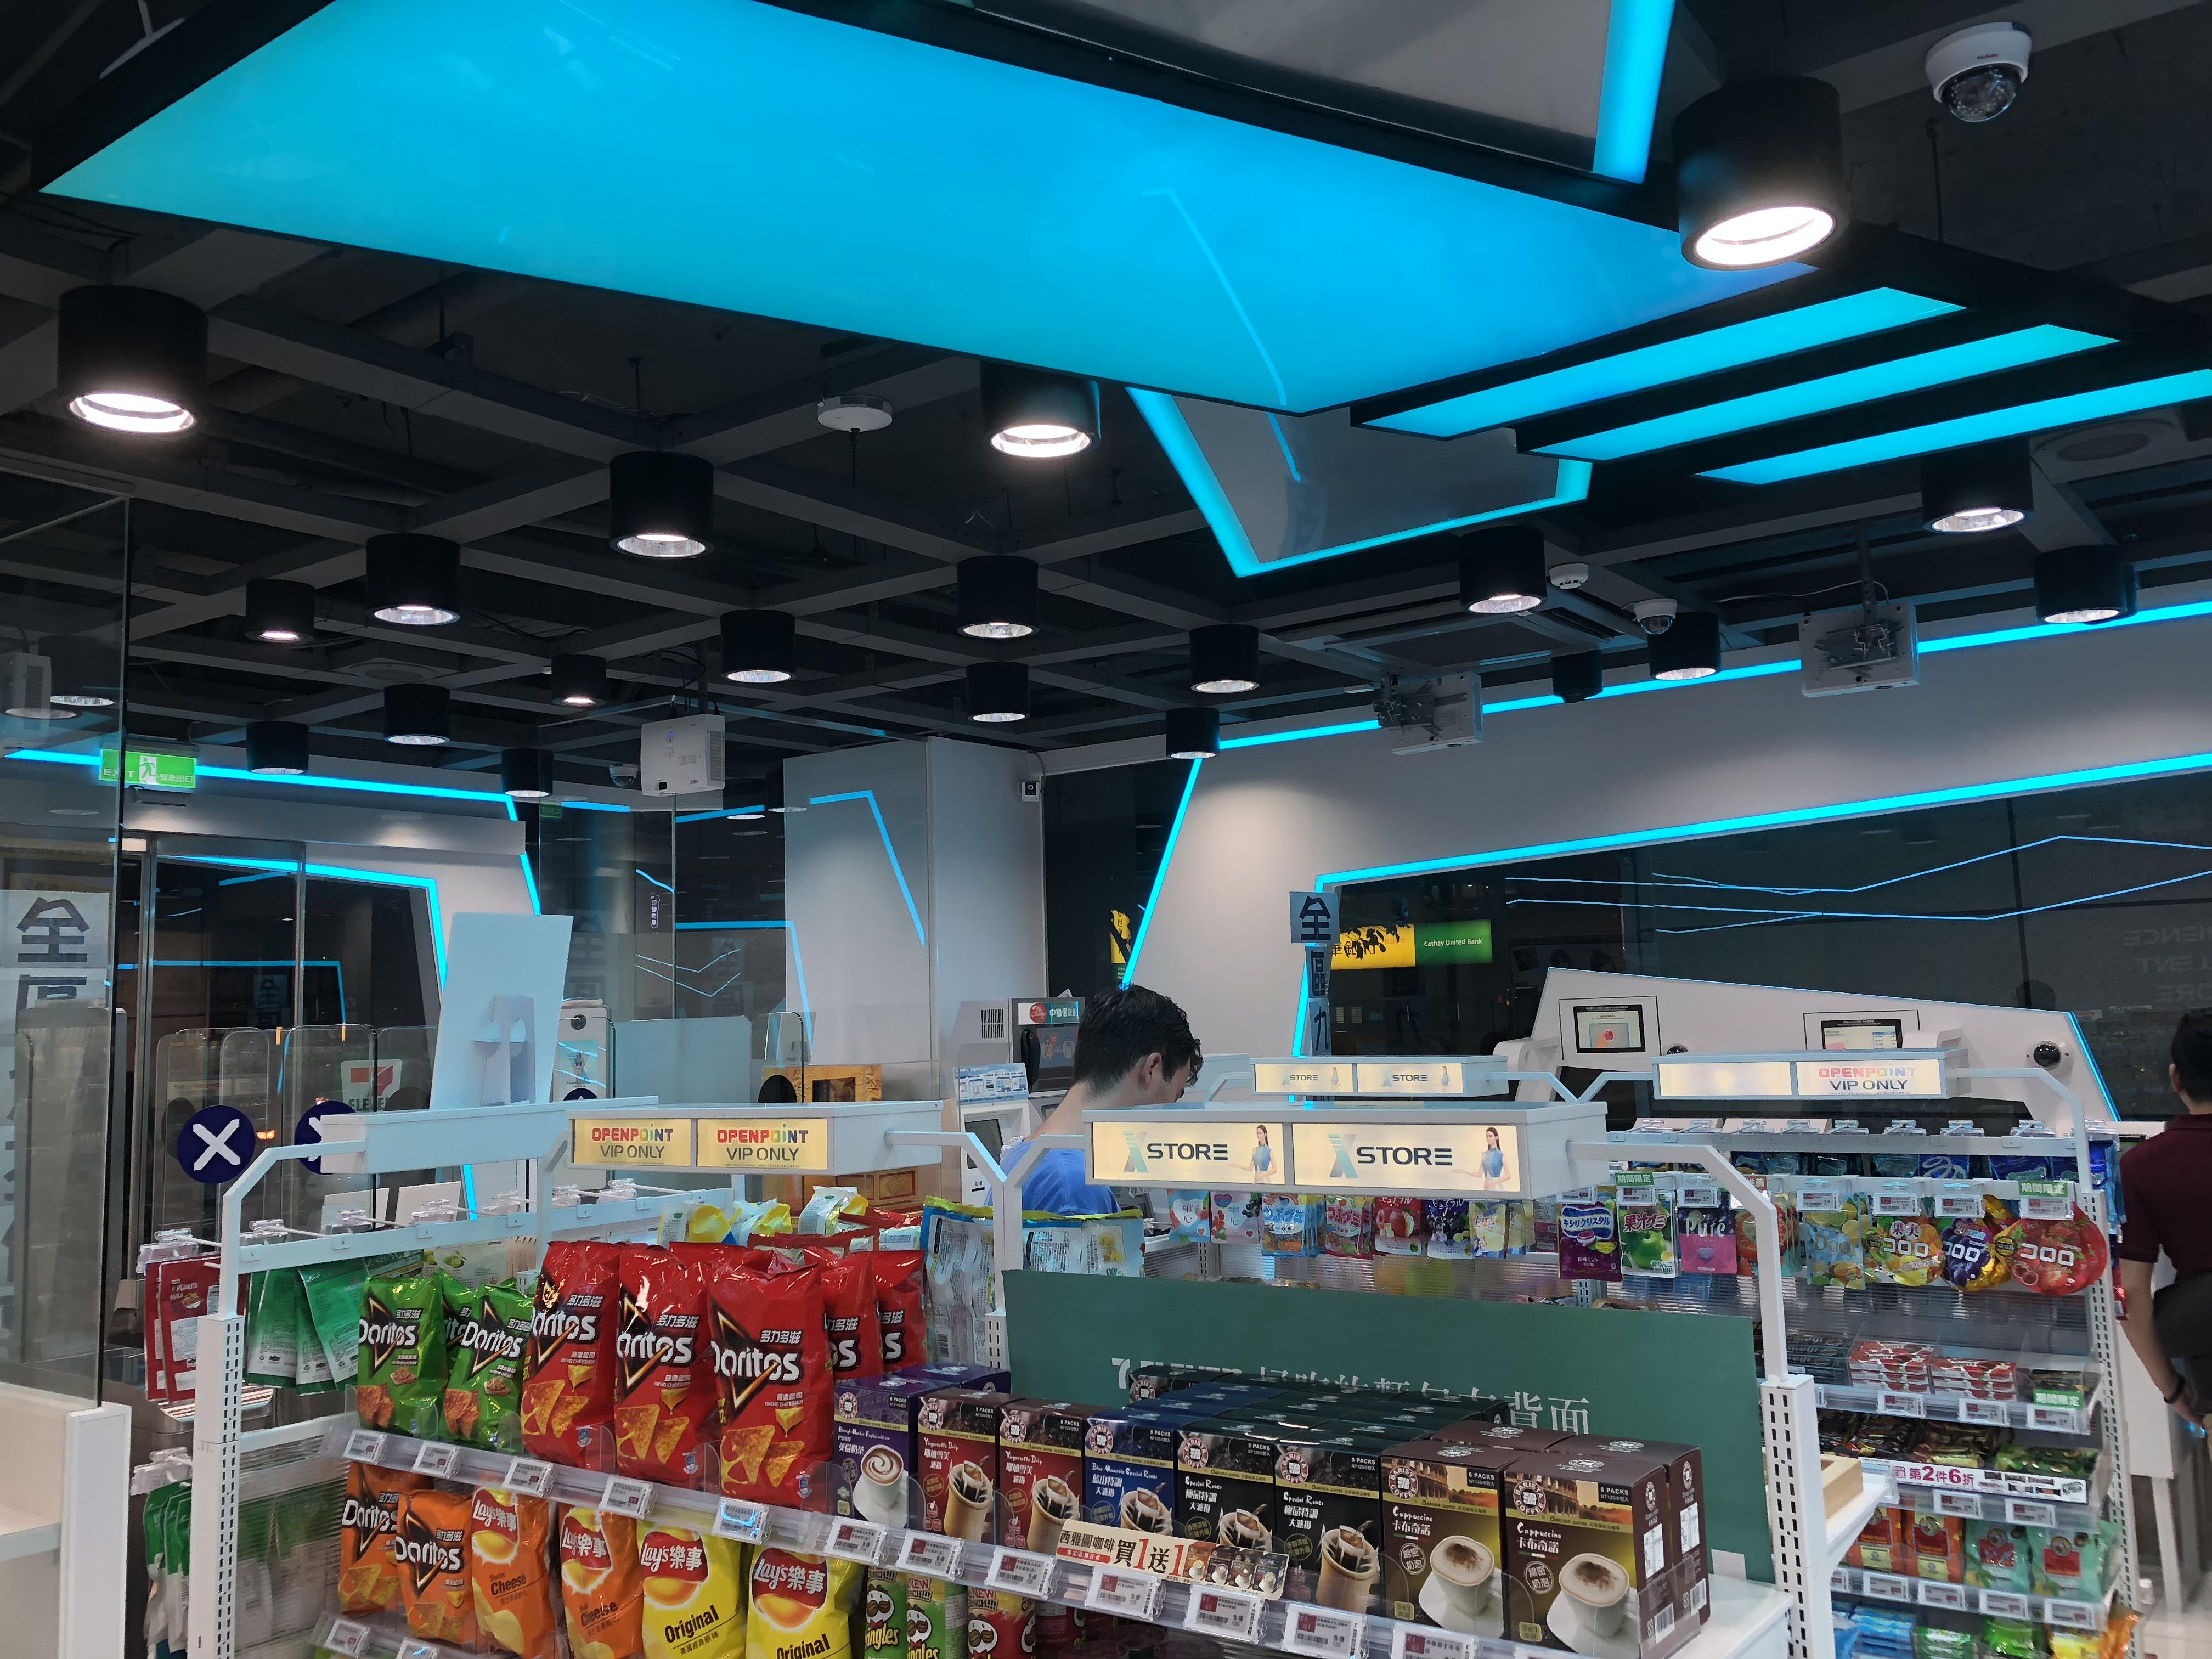 7-Eleven X-Store